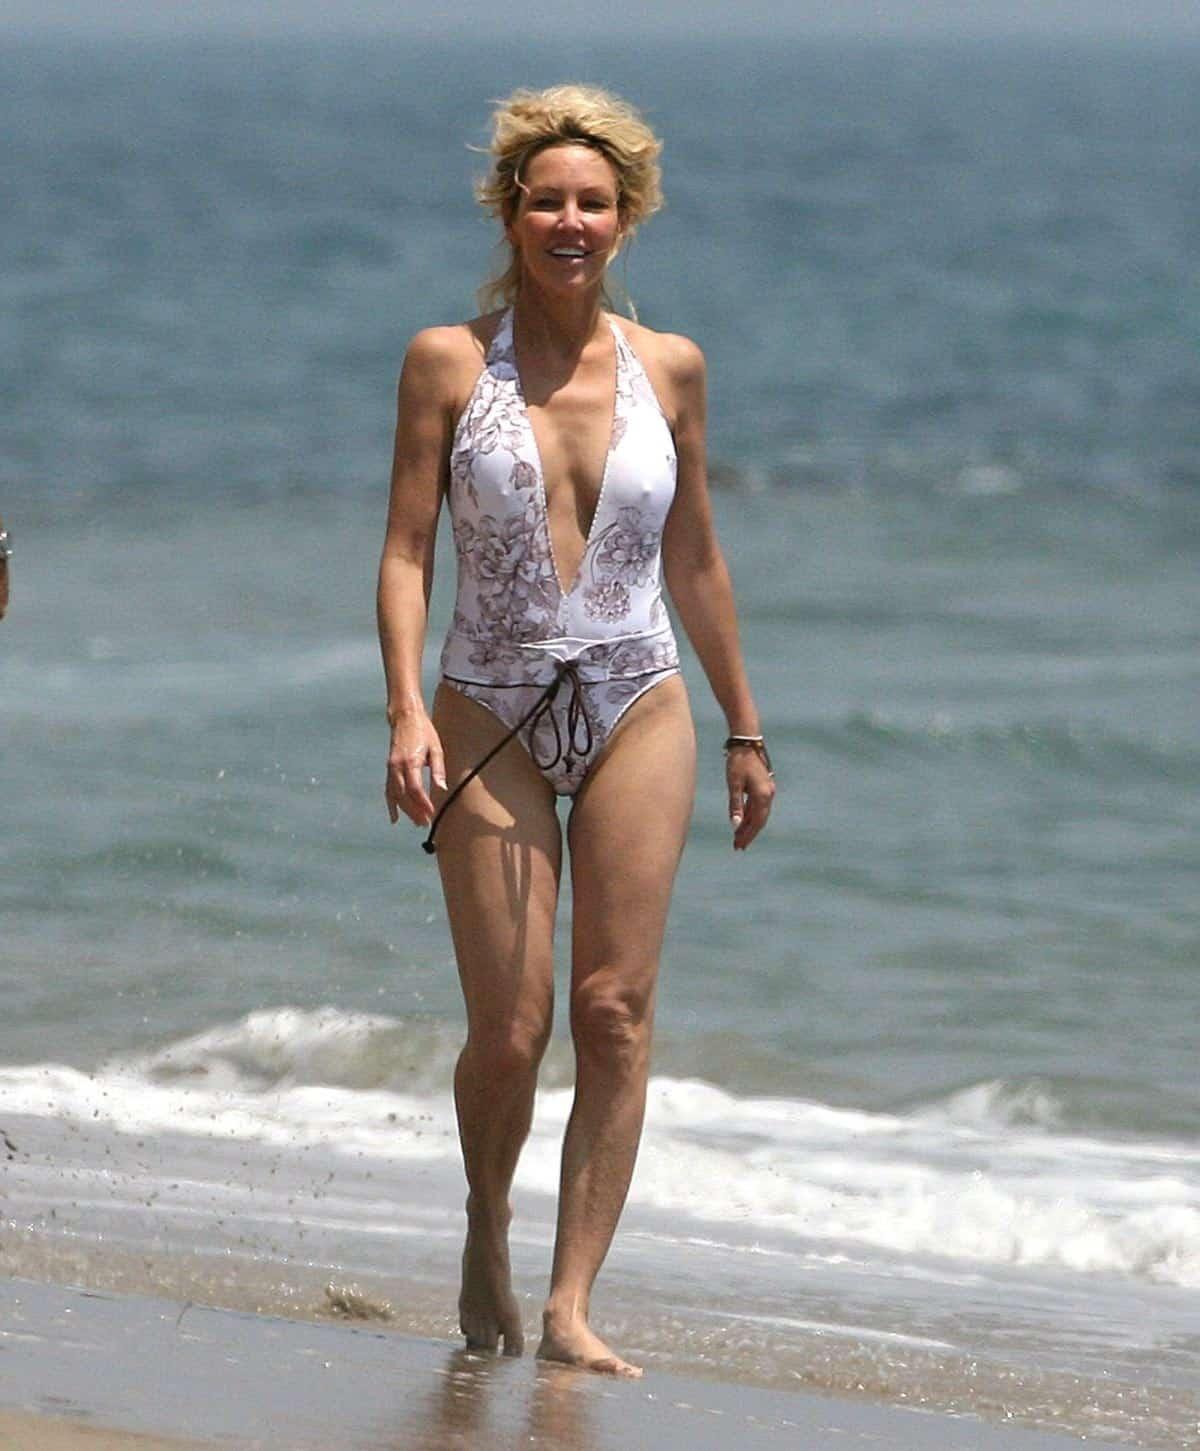 Bikini heather in locklear